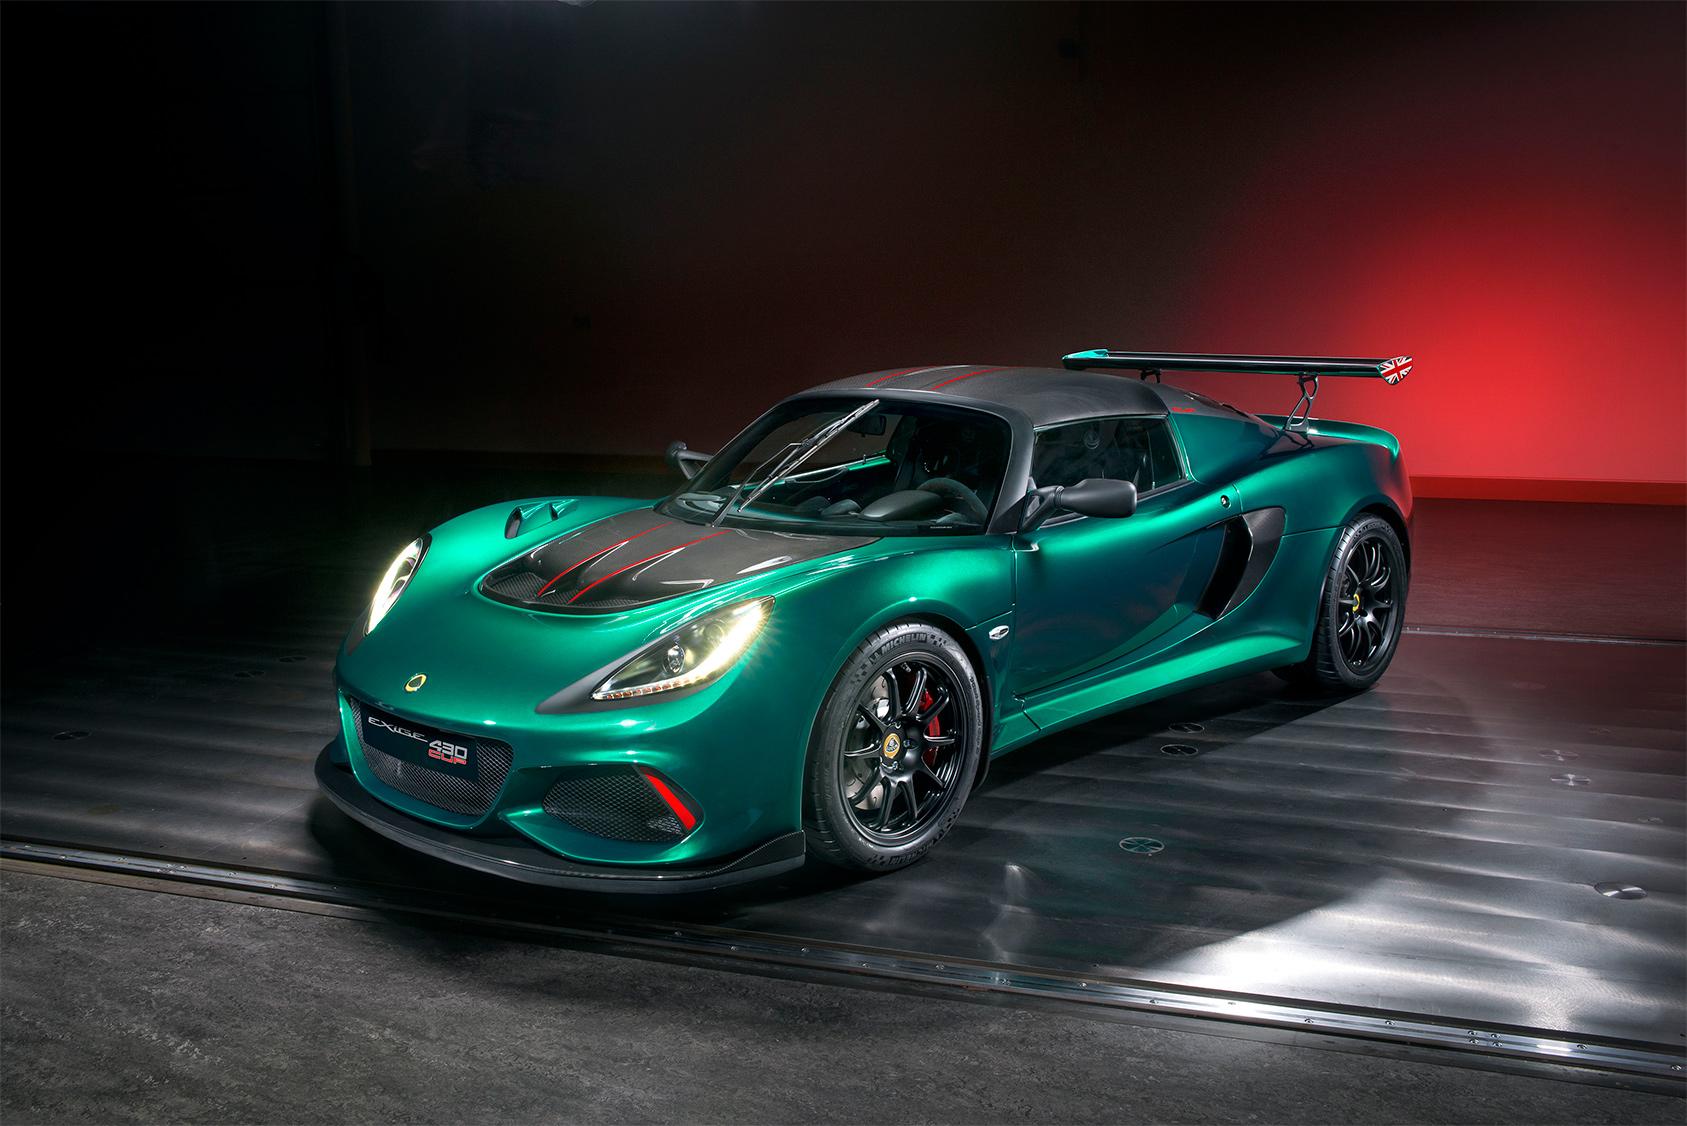 TrackWorthy - Lotus Exige Cup 430 (1)